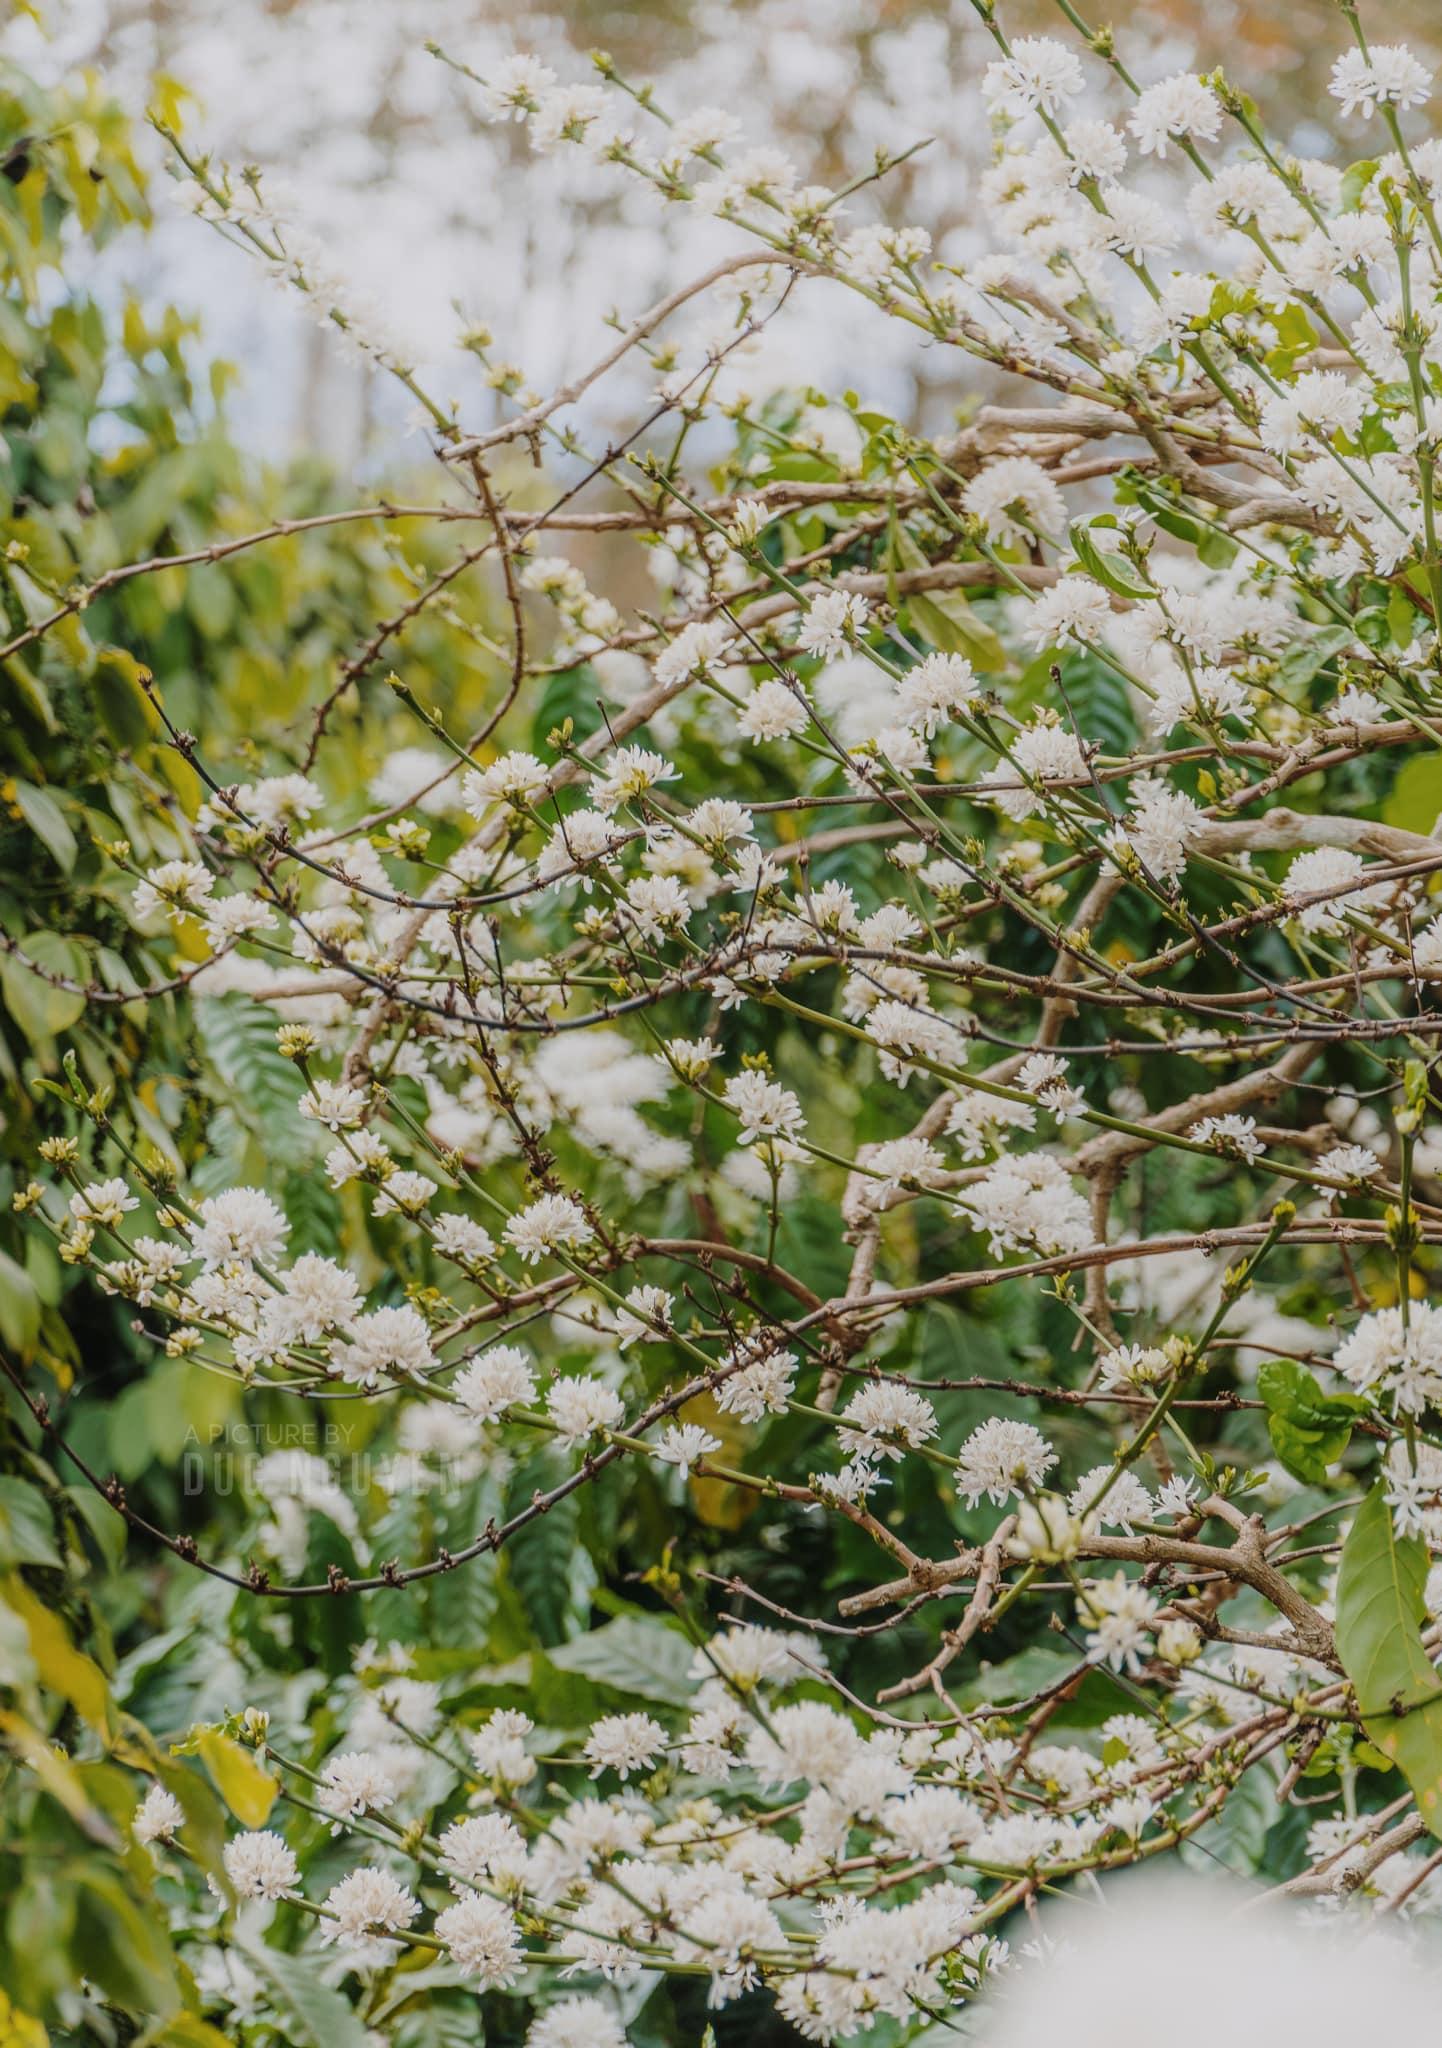 Hoa cà phê sẽ lộ dần một màu trắng xóa rực rỡ khi nở bung hết ra. Hình: Duc Nguyen